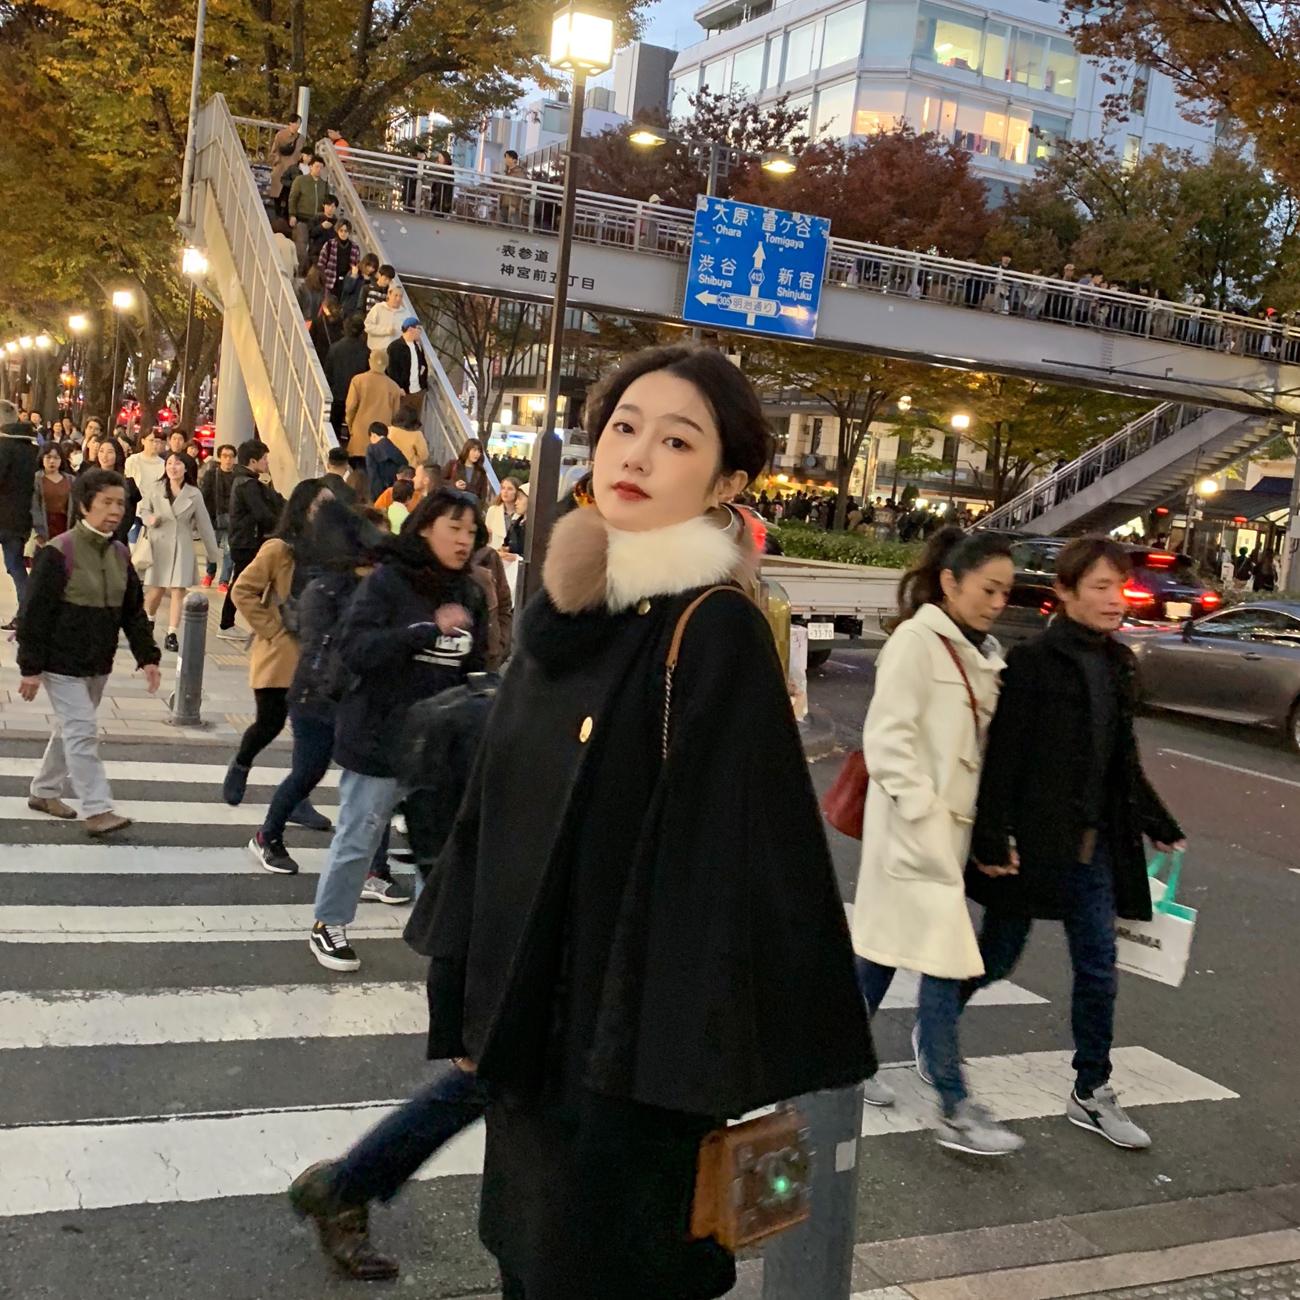 ◆ASM◆2018冬季新款气质斗篷大衣休闲裤半身裙时尚毛呢套装女装